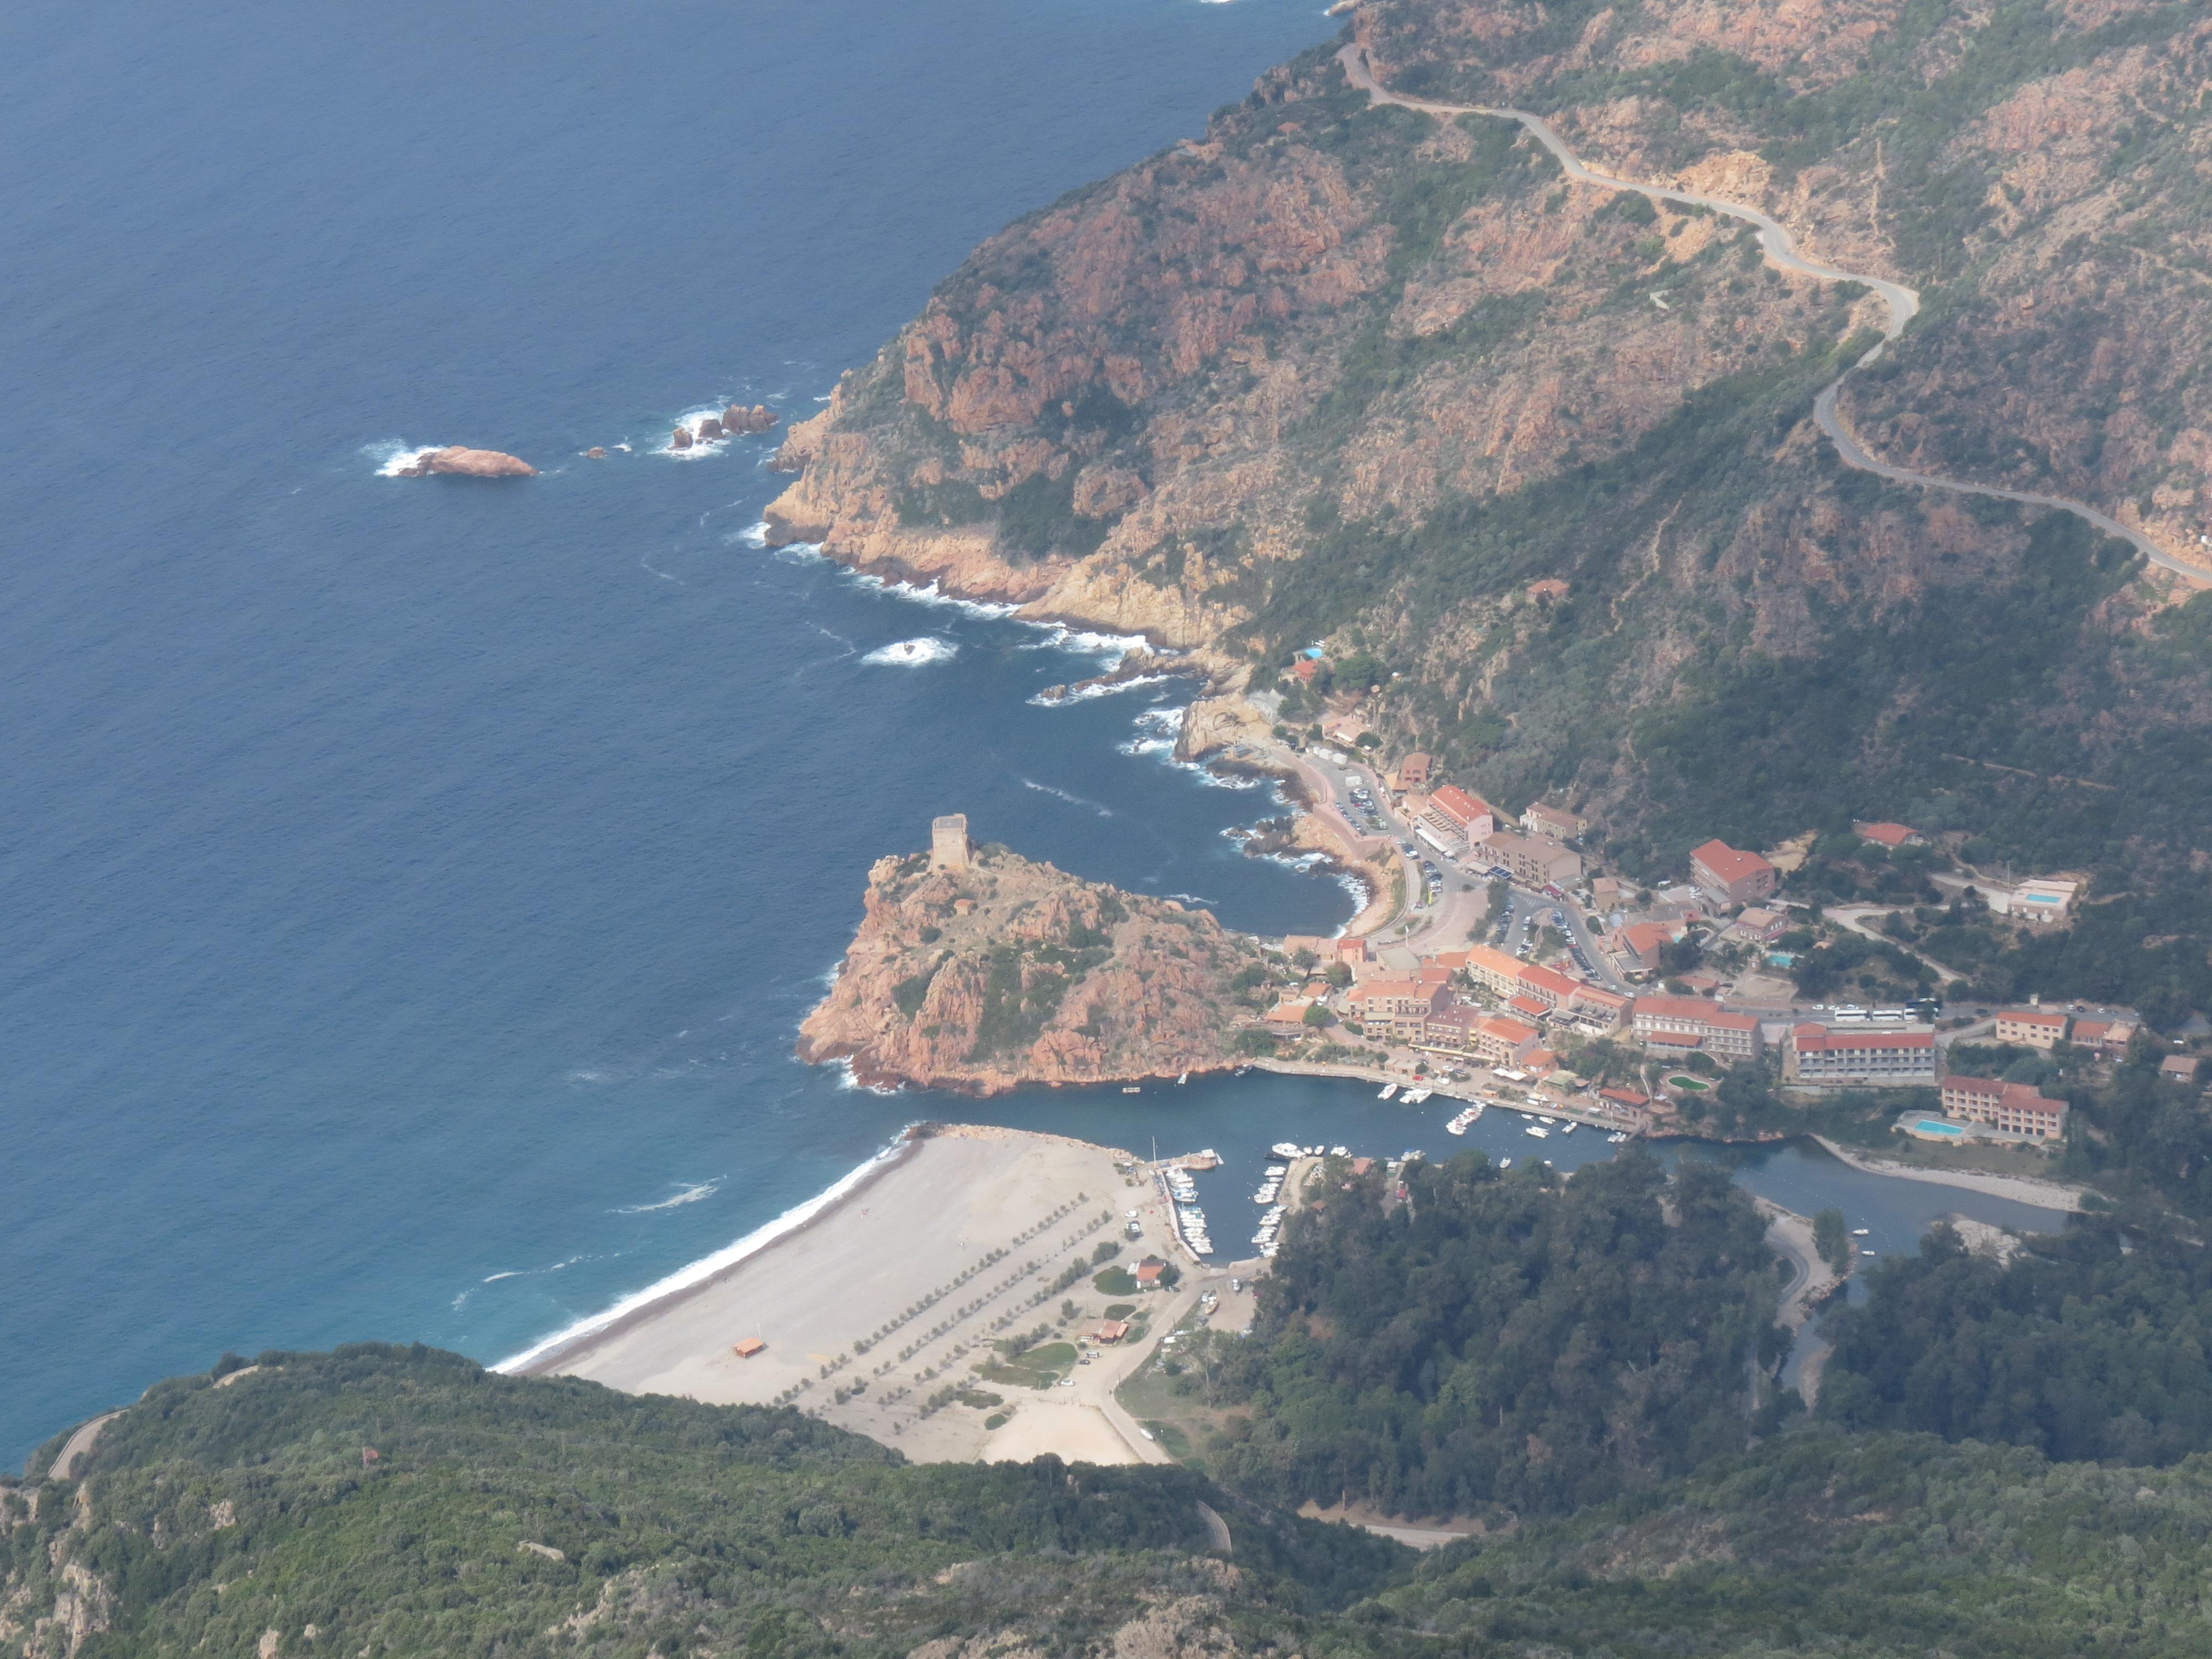 Corse Mare e Monti octobre 2014